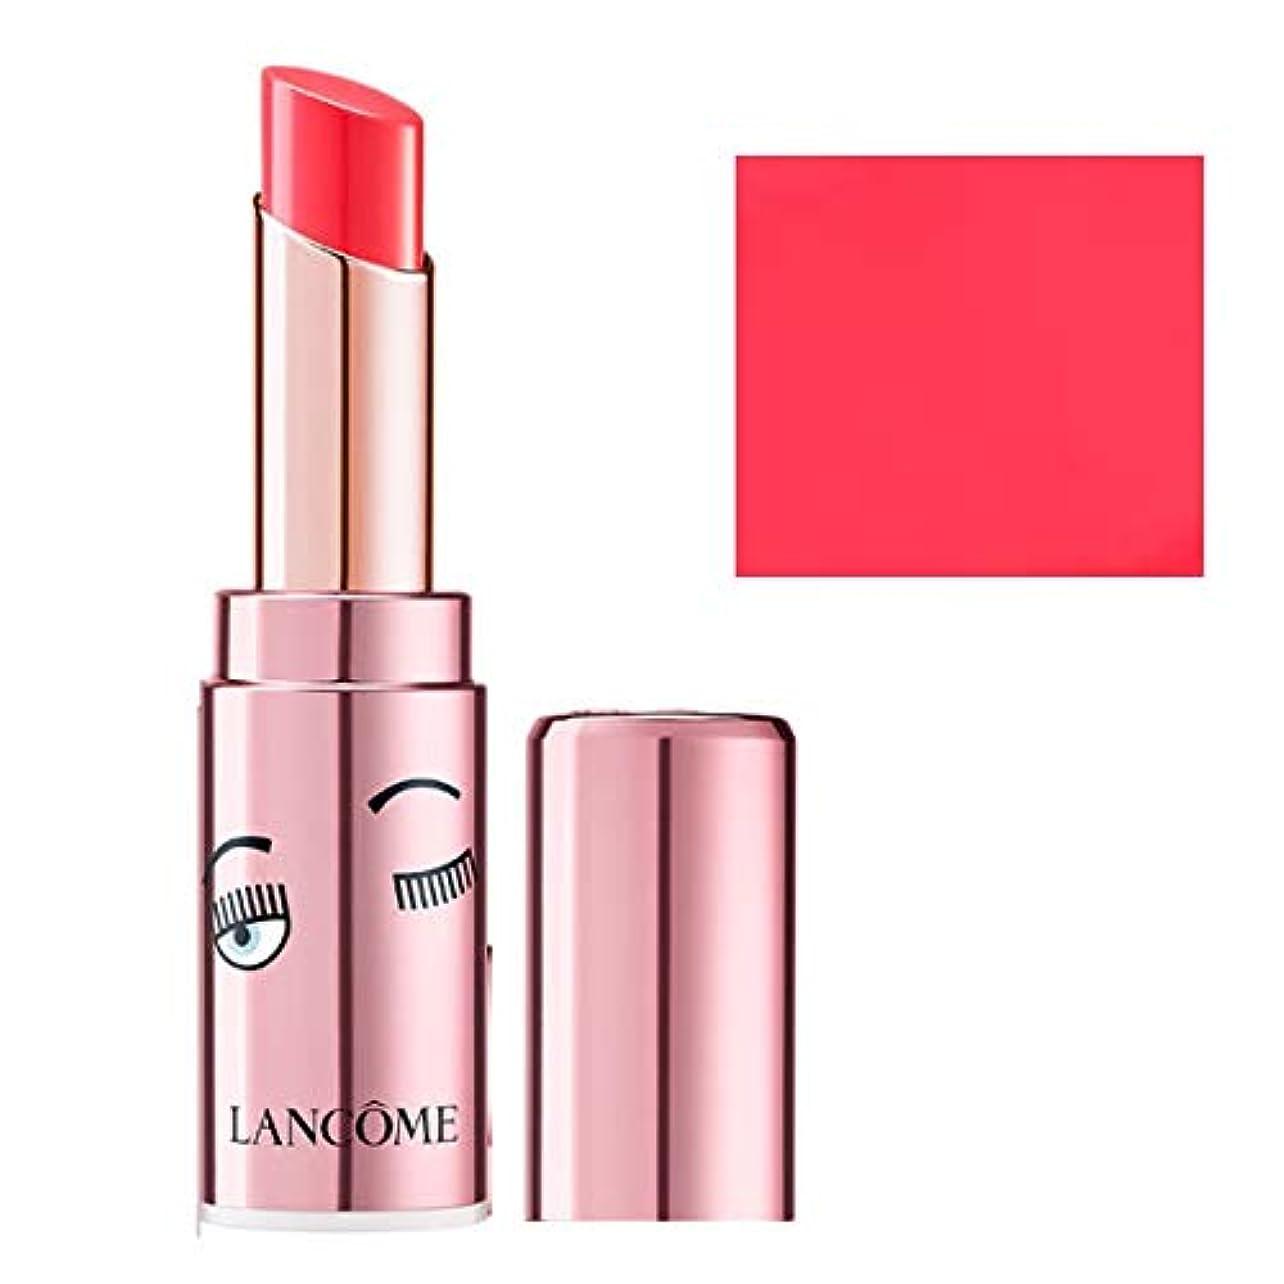 冗談でスノーケルストライプランコム(LANCOME), 限定版 limited-edition, x Chiara Ferragni L'Absolu Mademoiselle Shine Balm Lipstick - Positive Attitude...